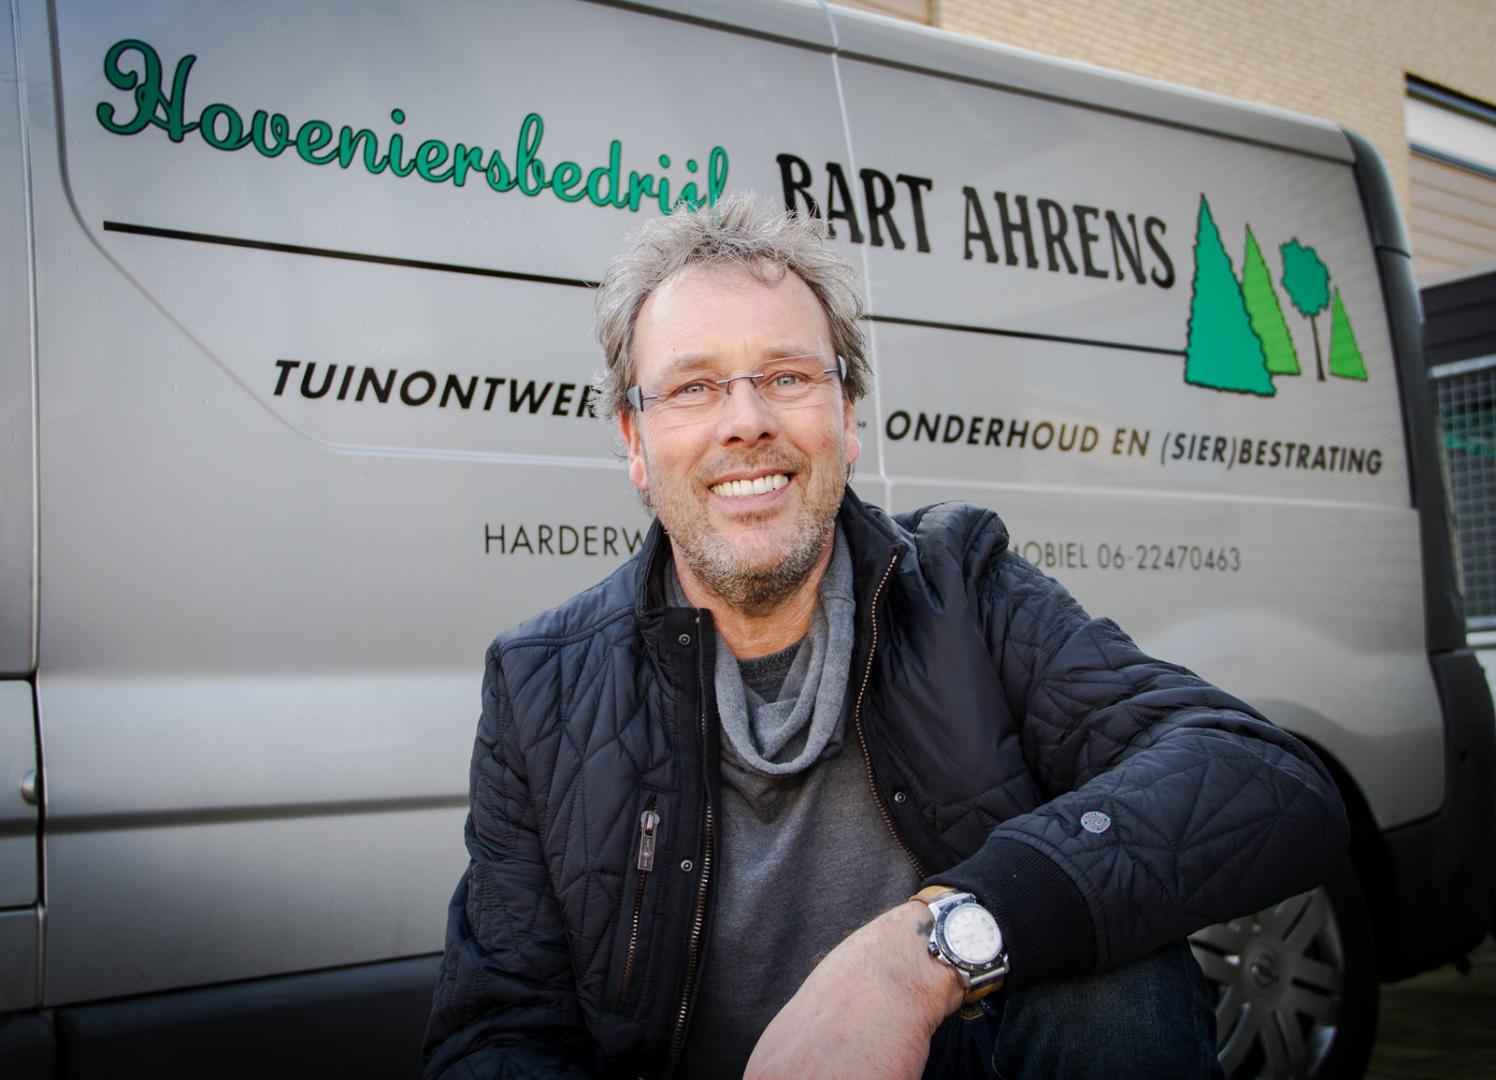 Hoveniersbedrijf Bart Ahrens